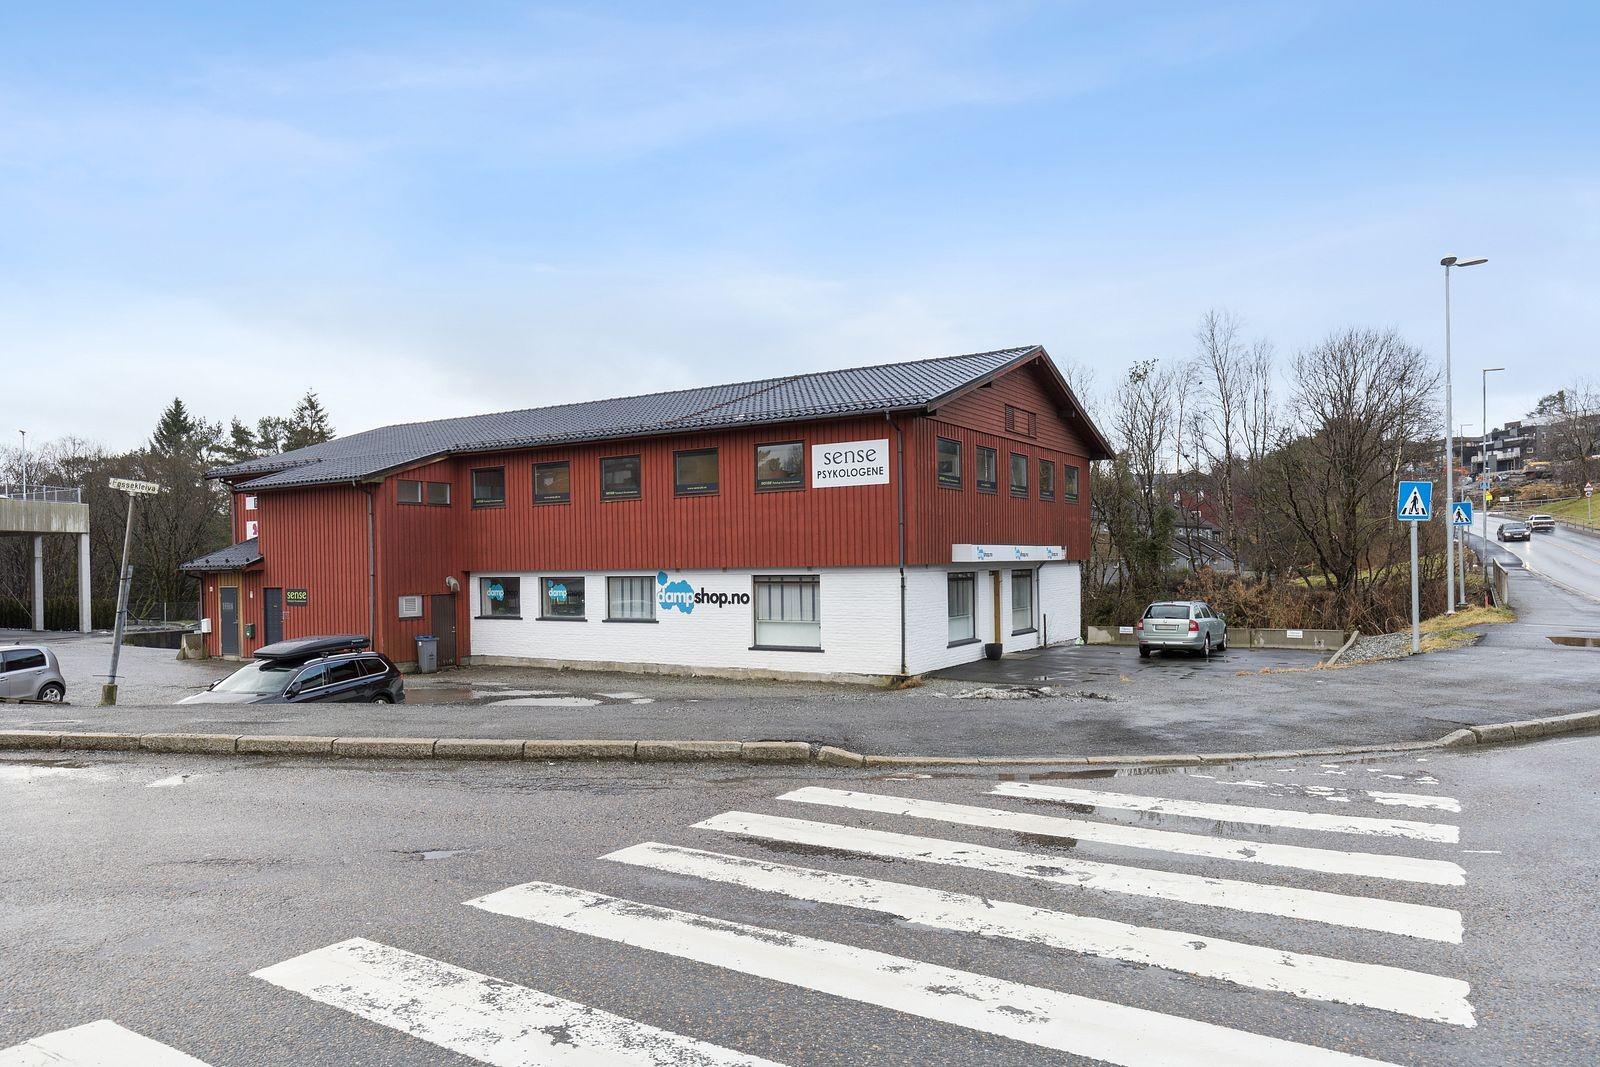 Eiendommen ligger lett tilgjengelig ved krysset mellom Fossekleiva og Hesthaugvegen.